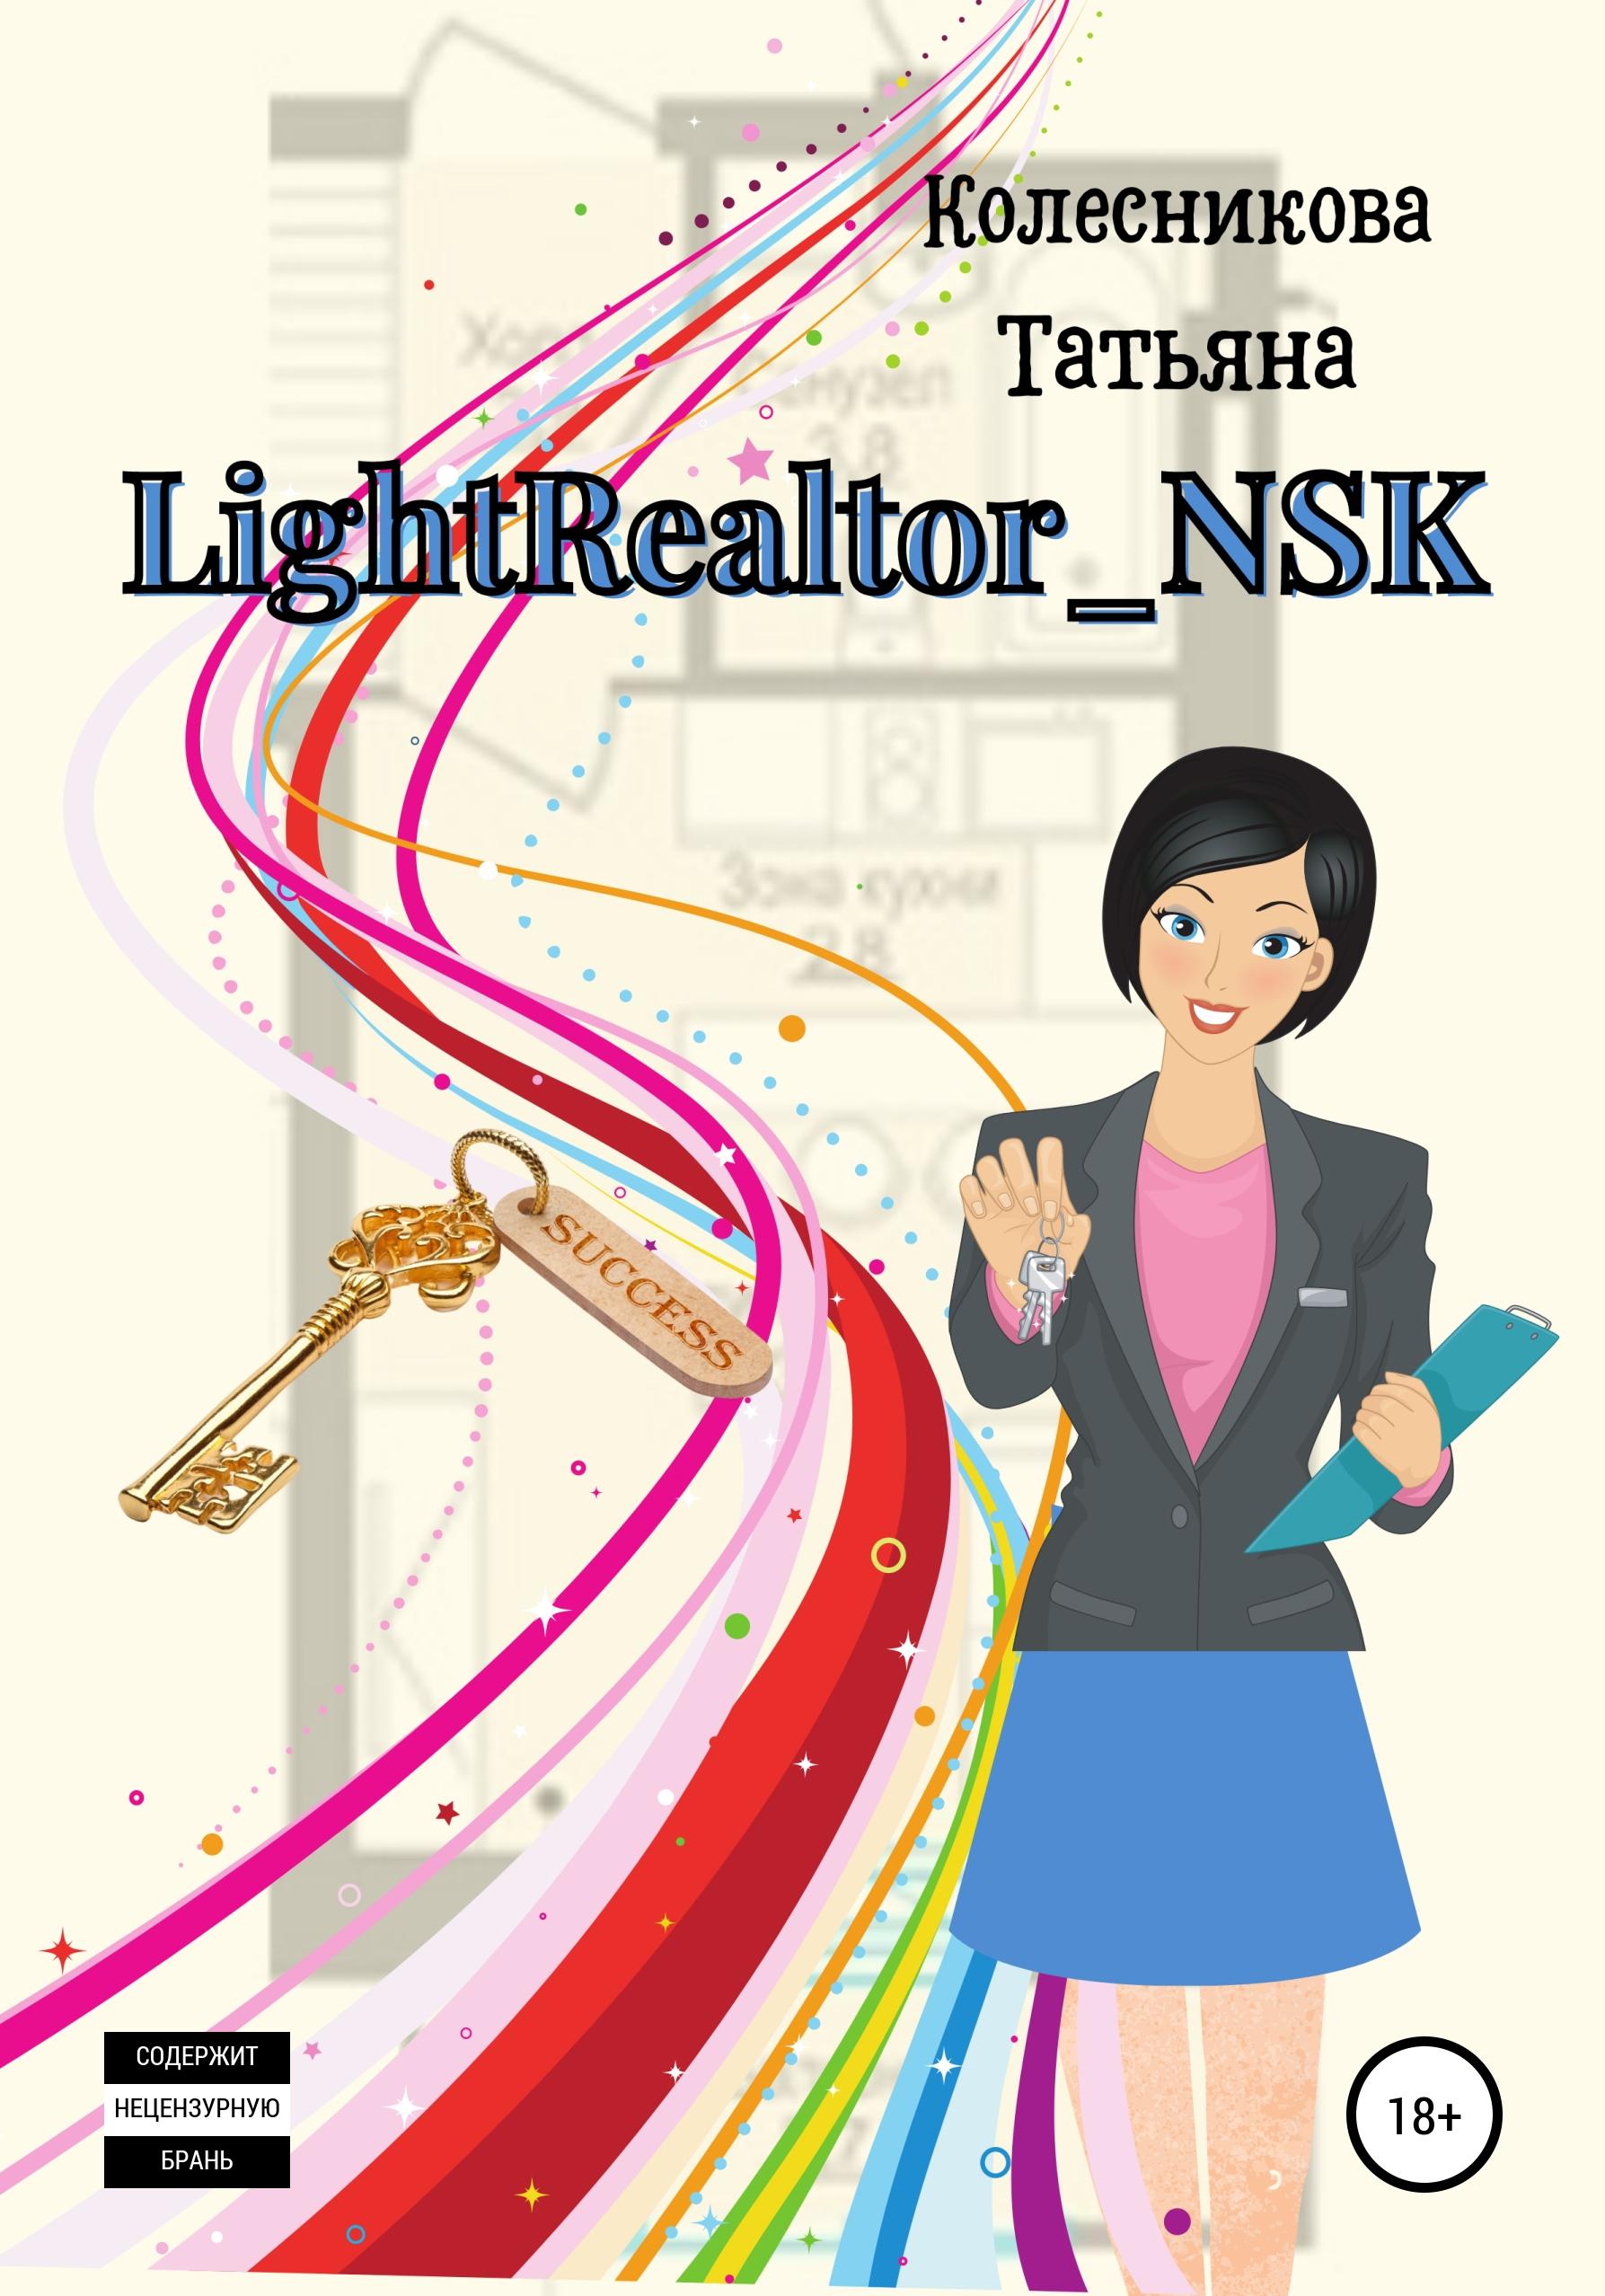 Купить книгу LightRealtor_NSK, автора Татьяны Колесниковой